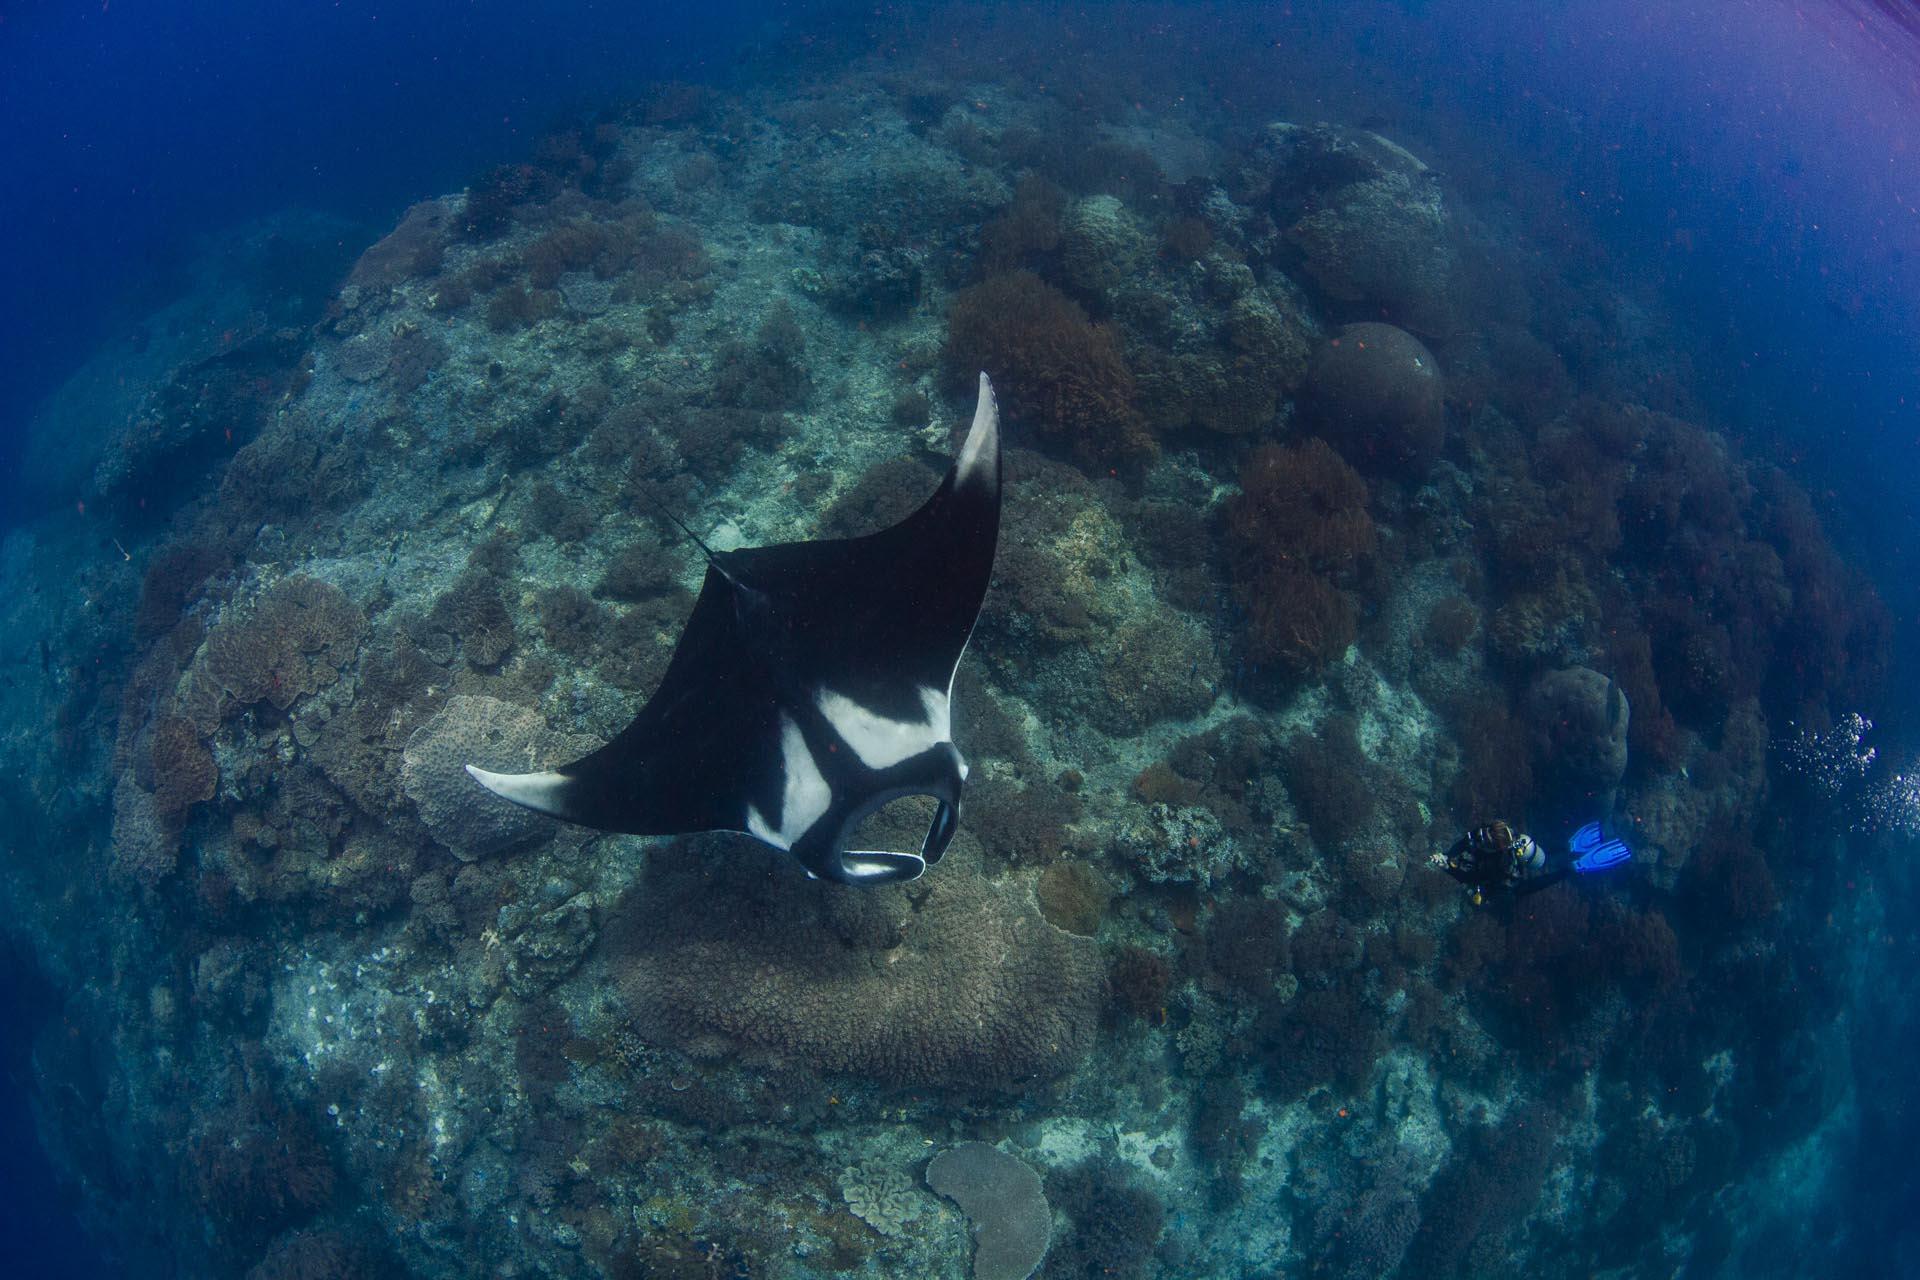 diver next to large manta ray